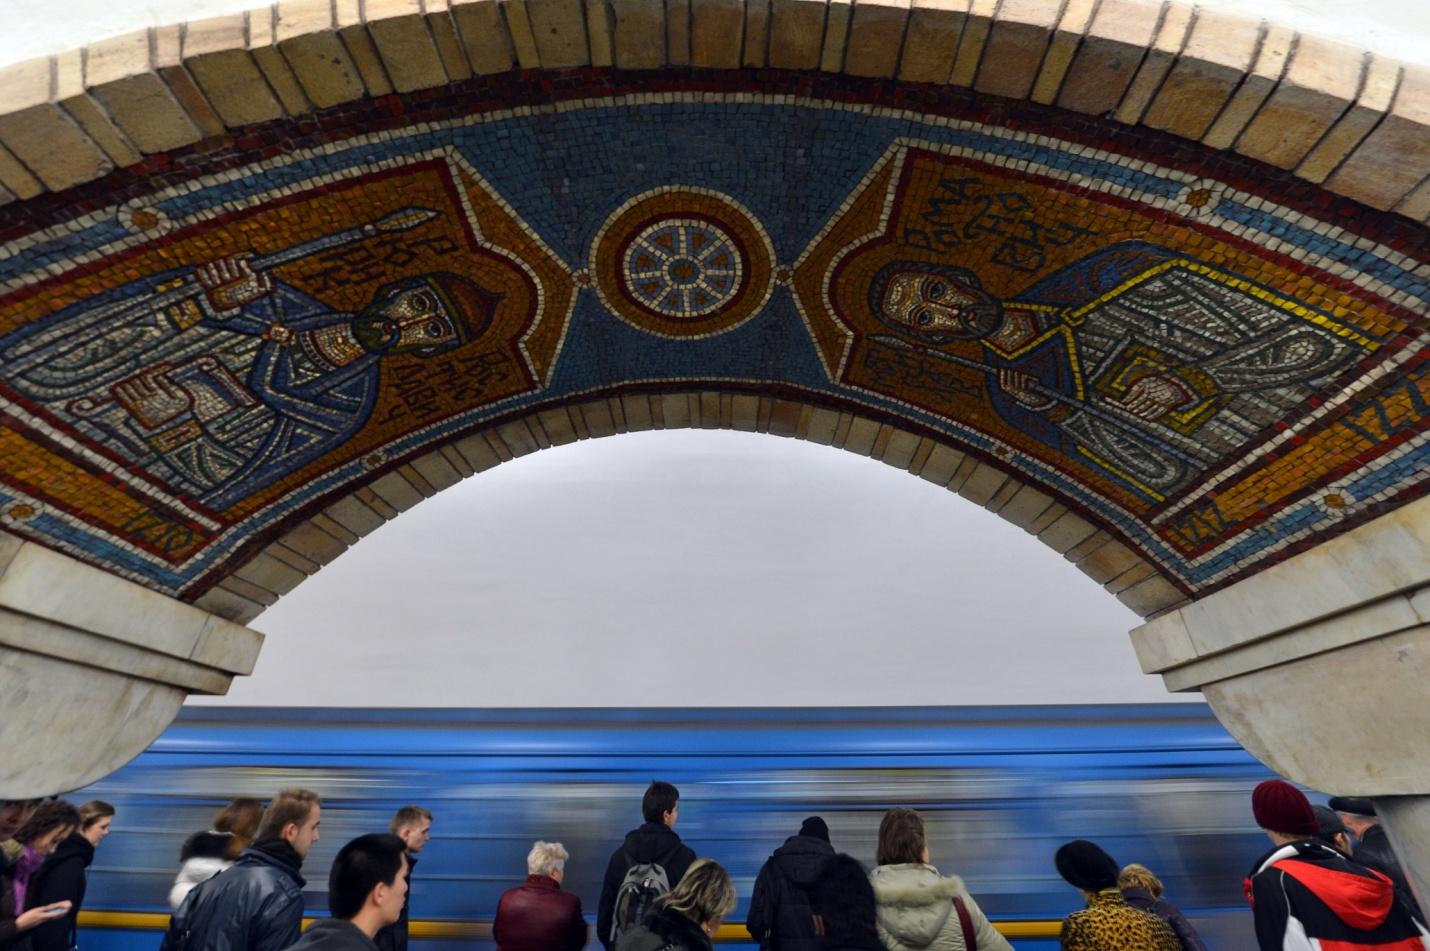 Киевская станция метро Золотые ворота названа одной из самых красивых в мире